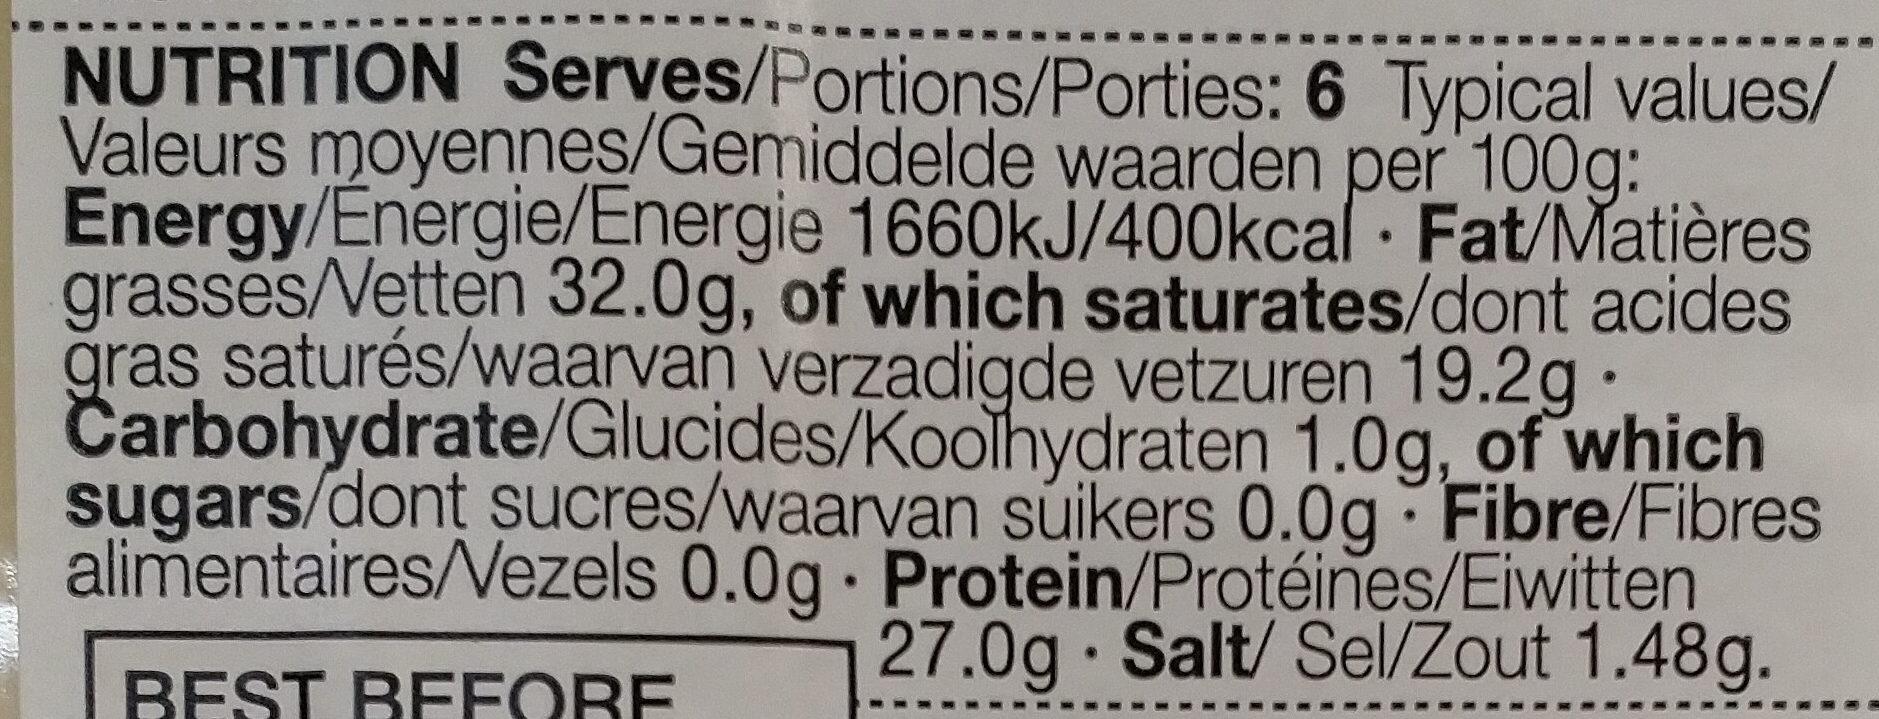 Swiss le gruyère - Voedingswaarden - fr